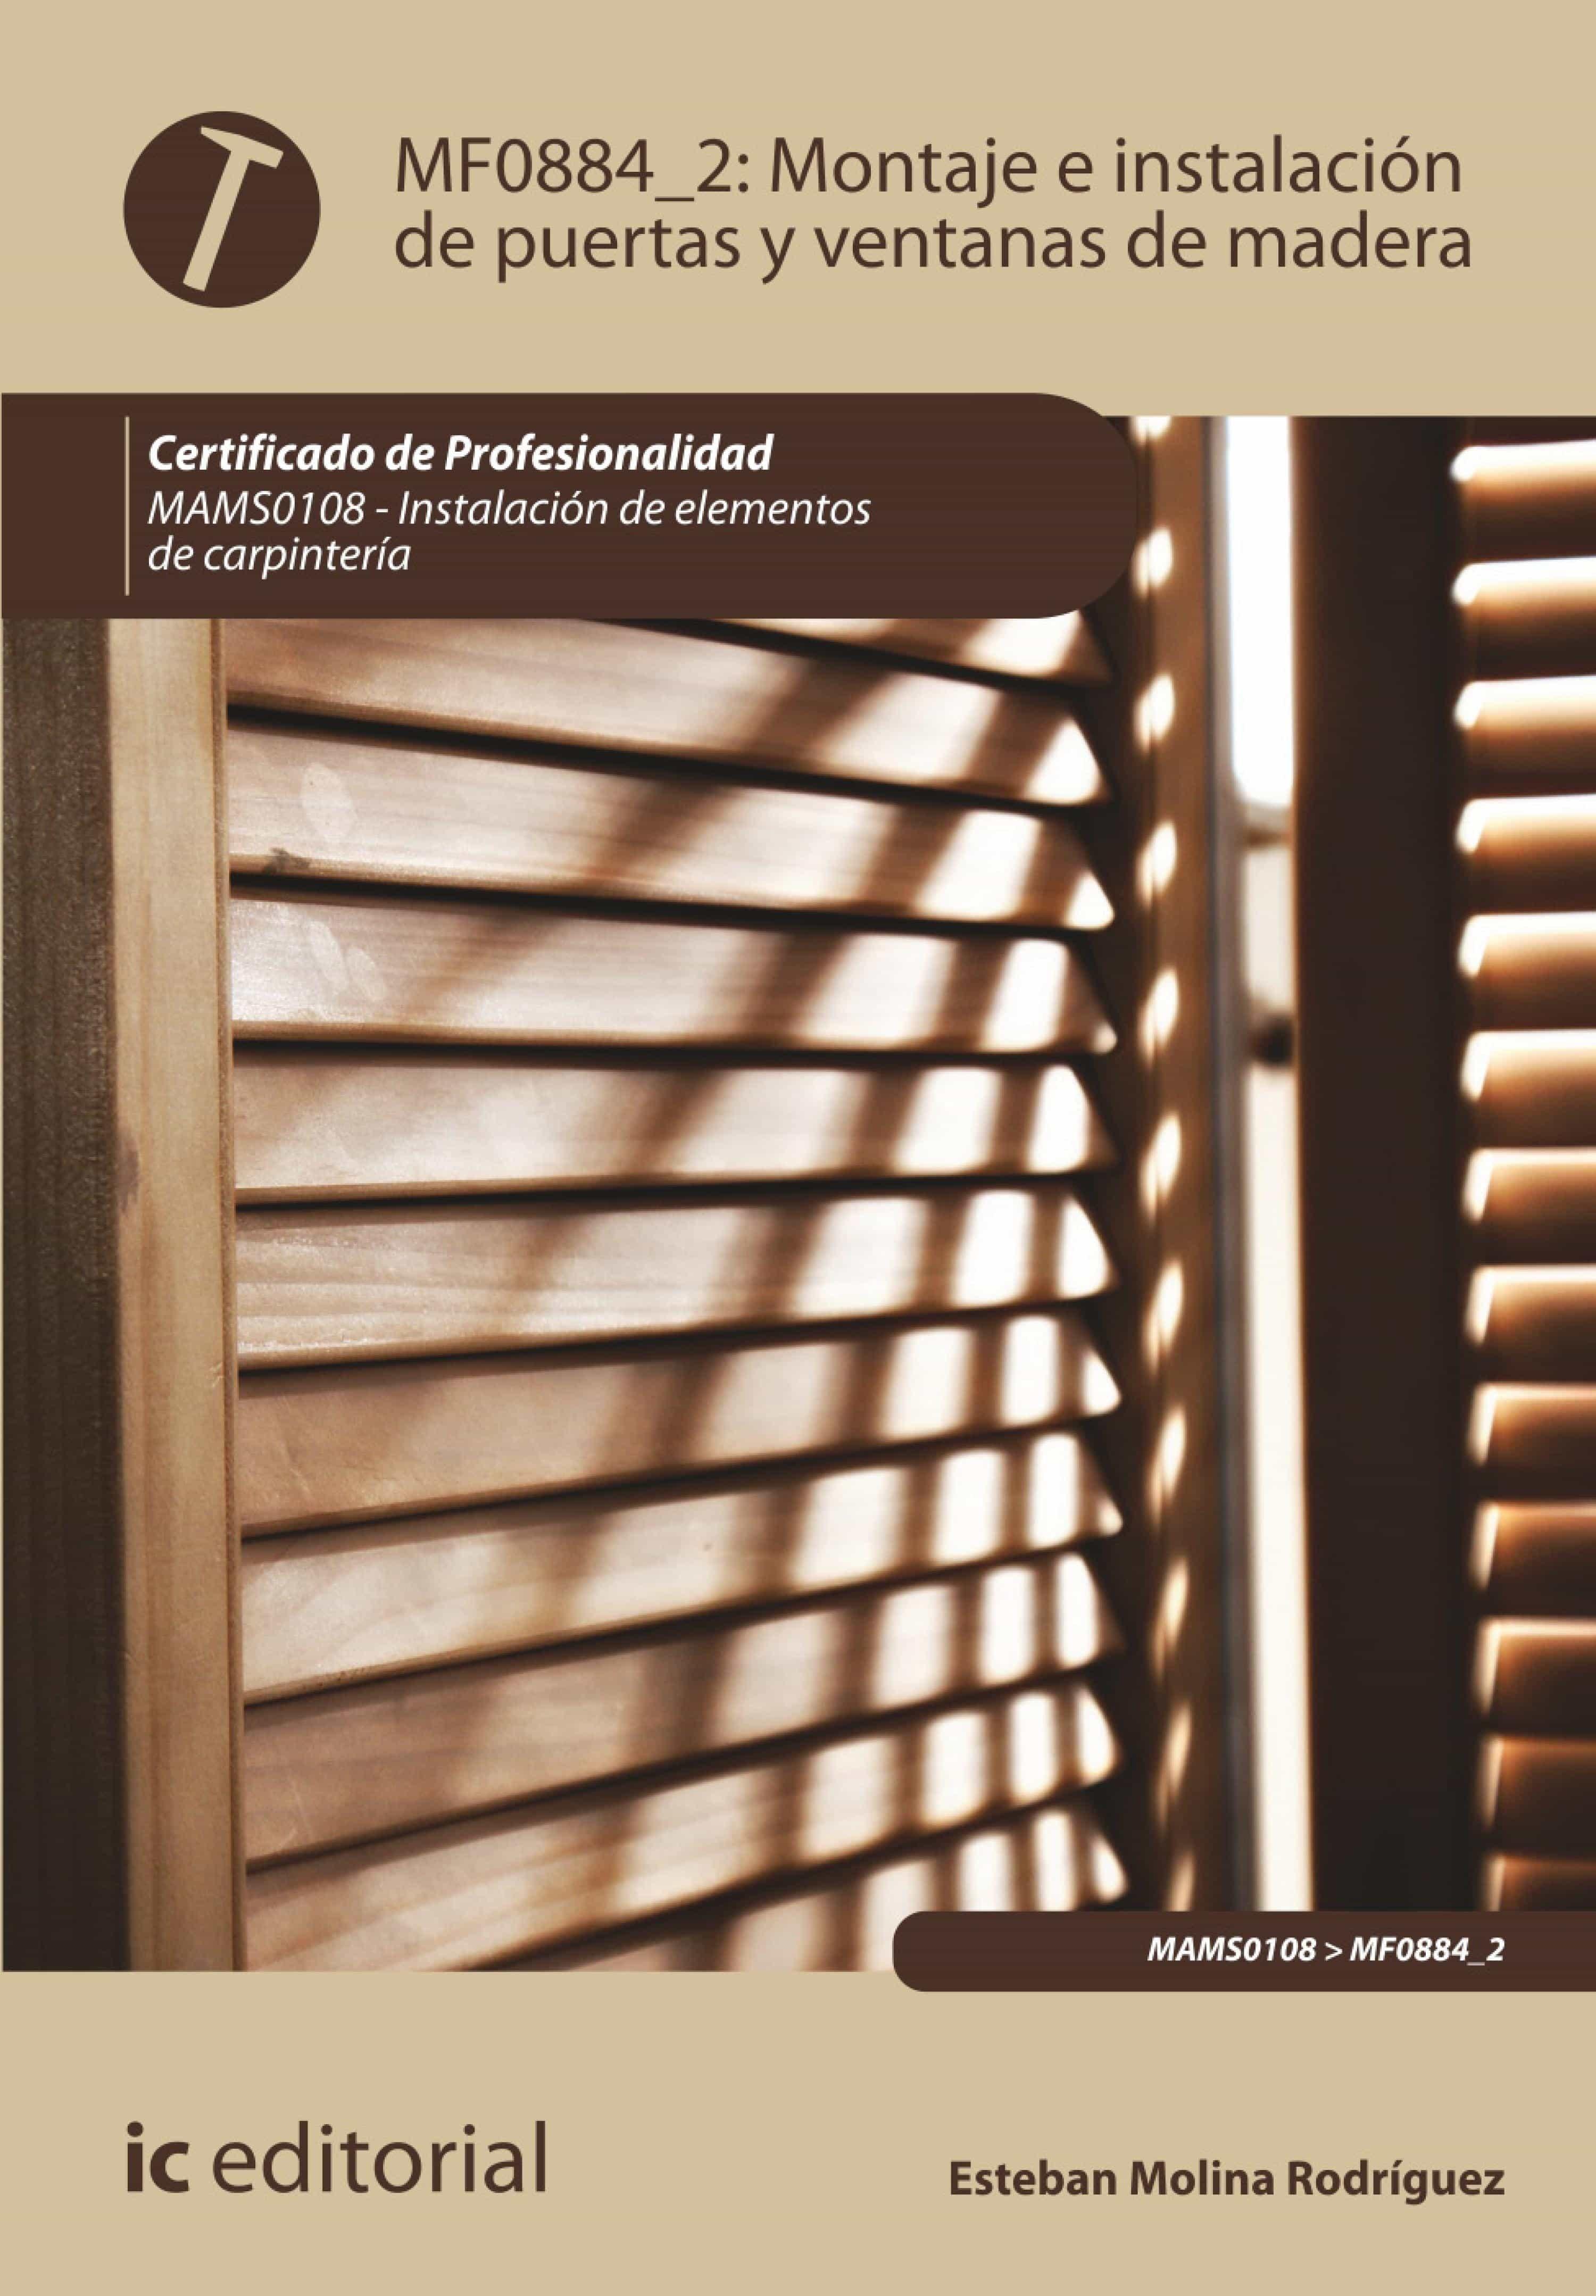 La instalaci n exterior ventana de ajuste - Montaje E Instalaci N De Puertas Y Ventanas De Madera Mams0108 Ebook Ebooks El Corte Ingl S